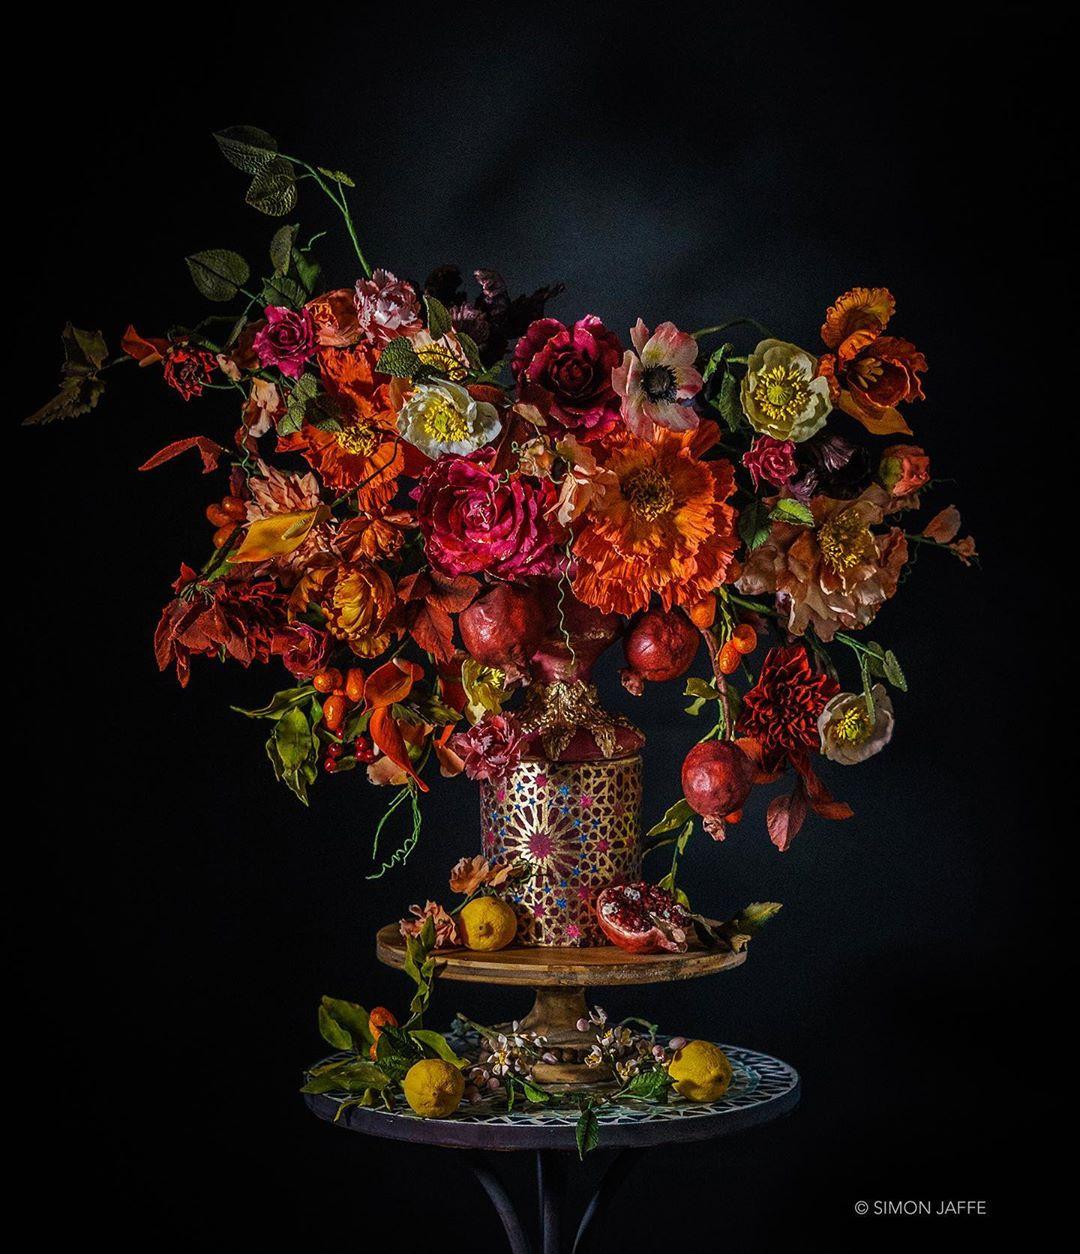 Удивительные цветочные торты от Джули Саймон